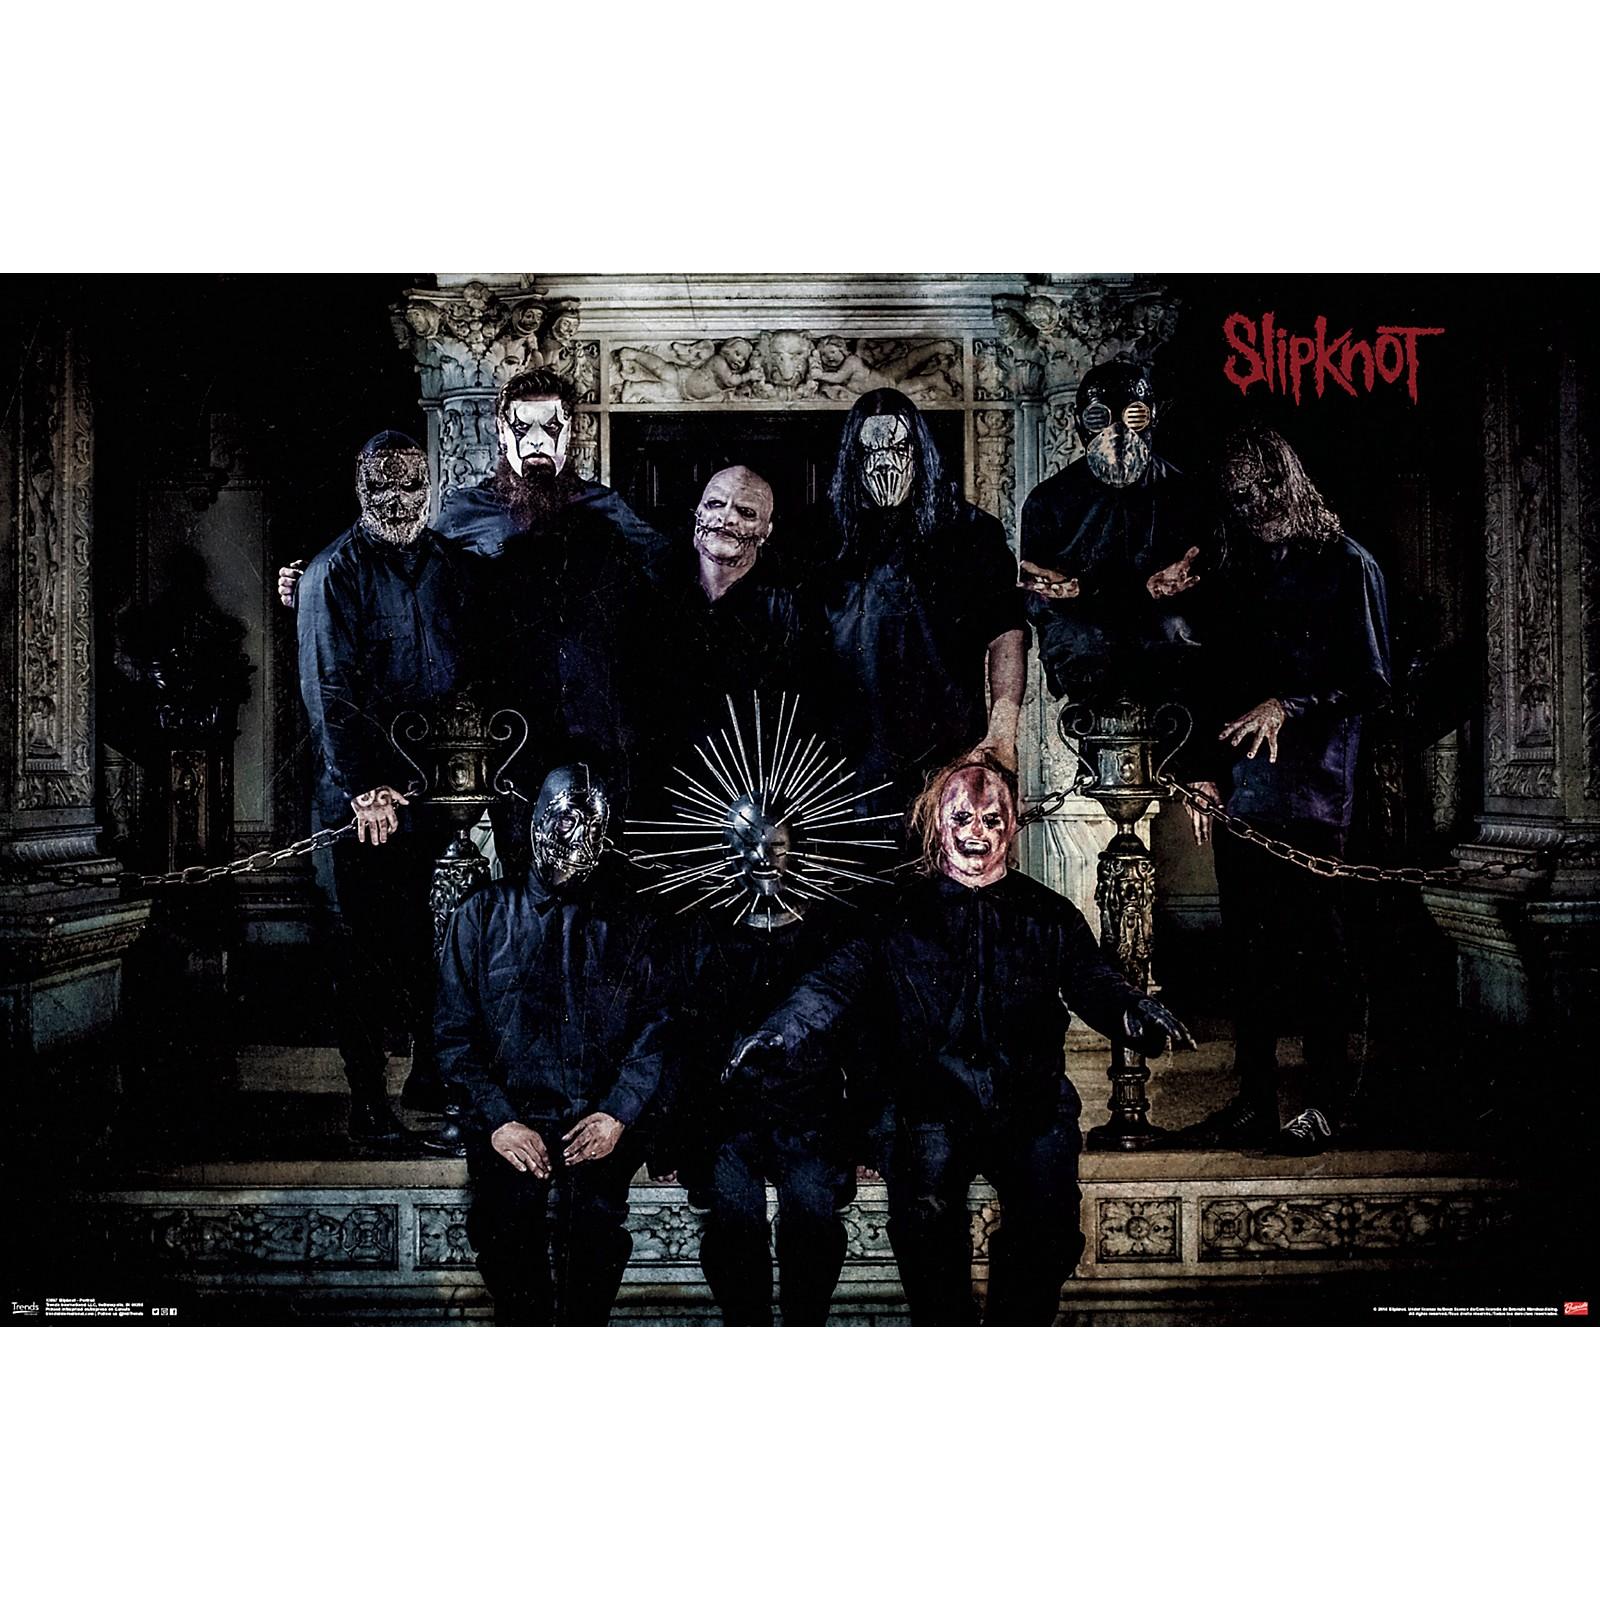 Trends International Slipknot - Portrait Poster